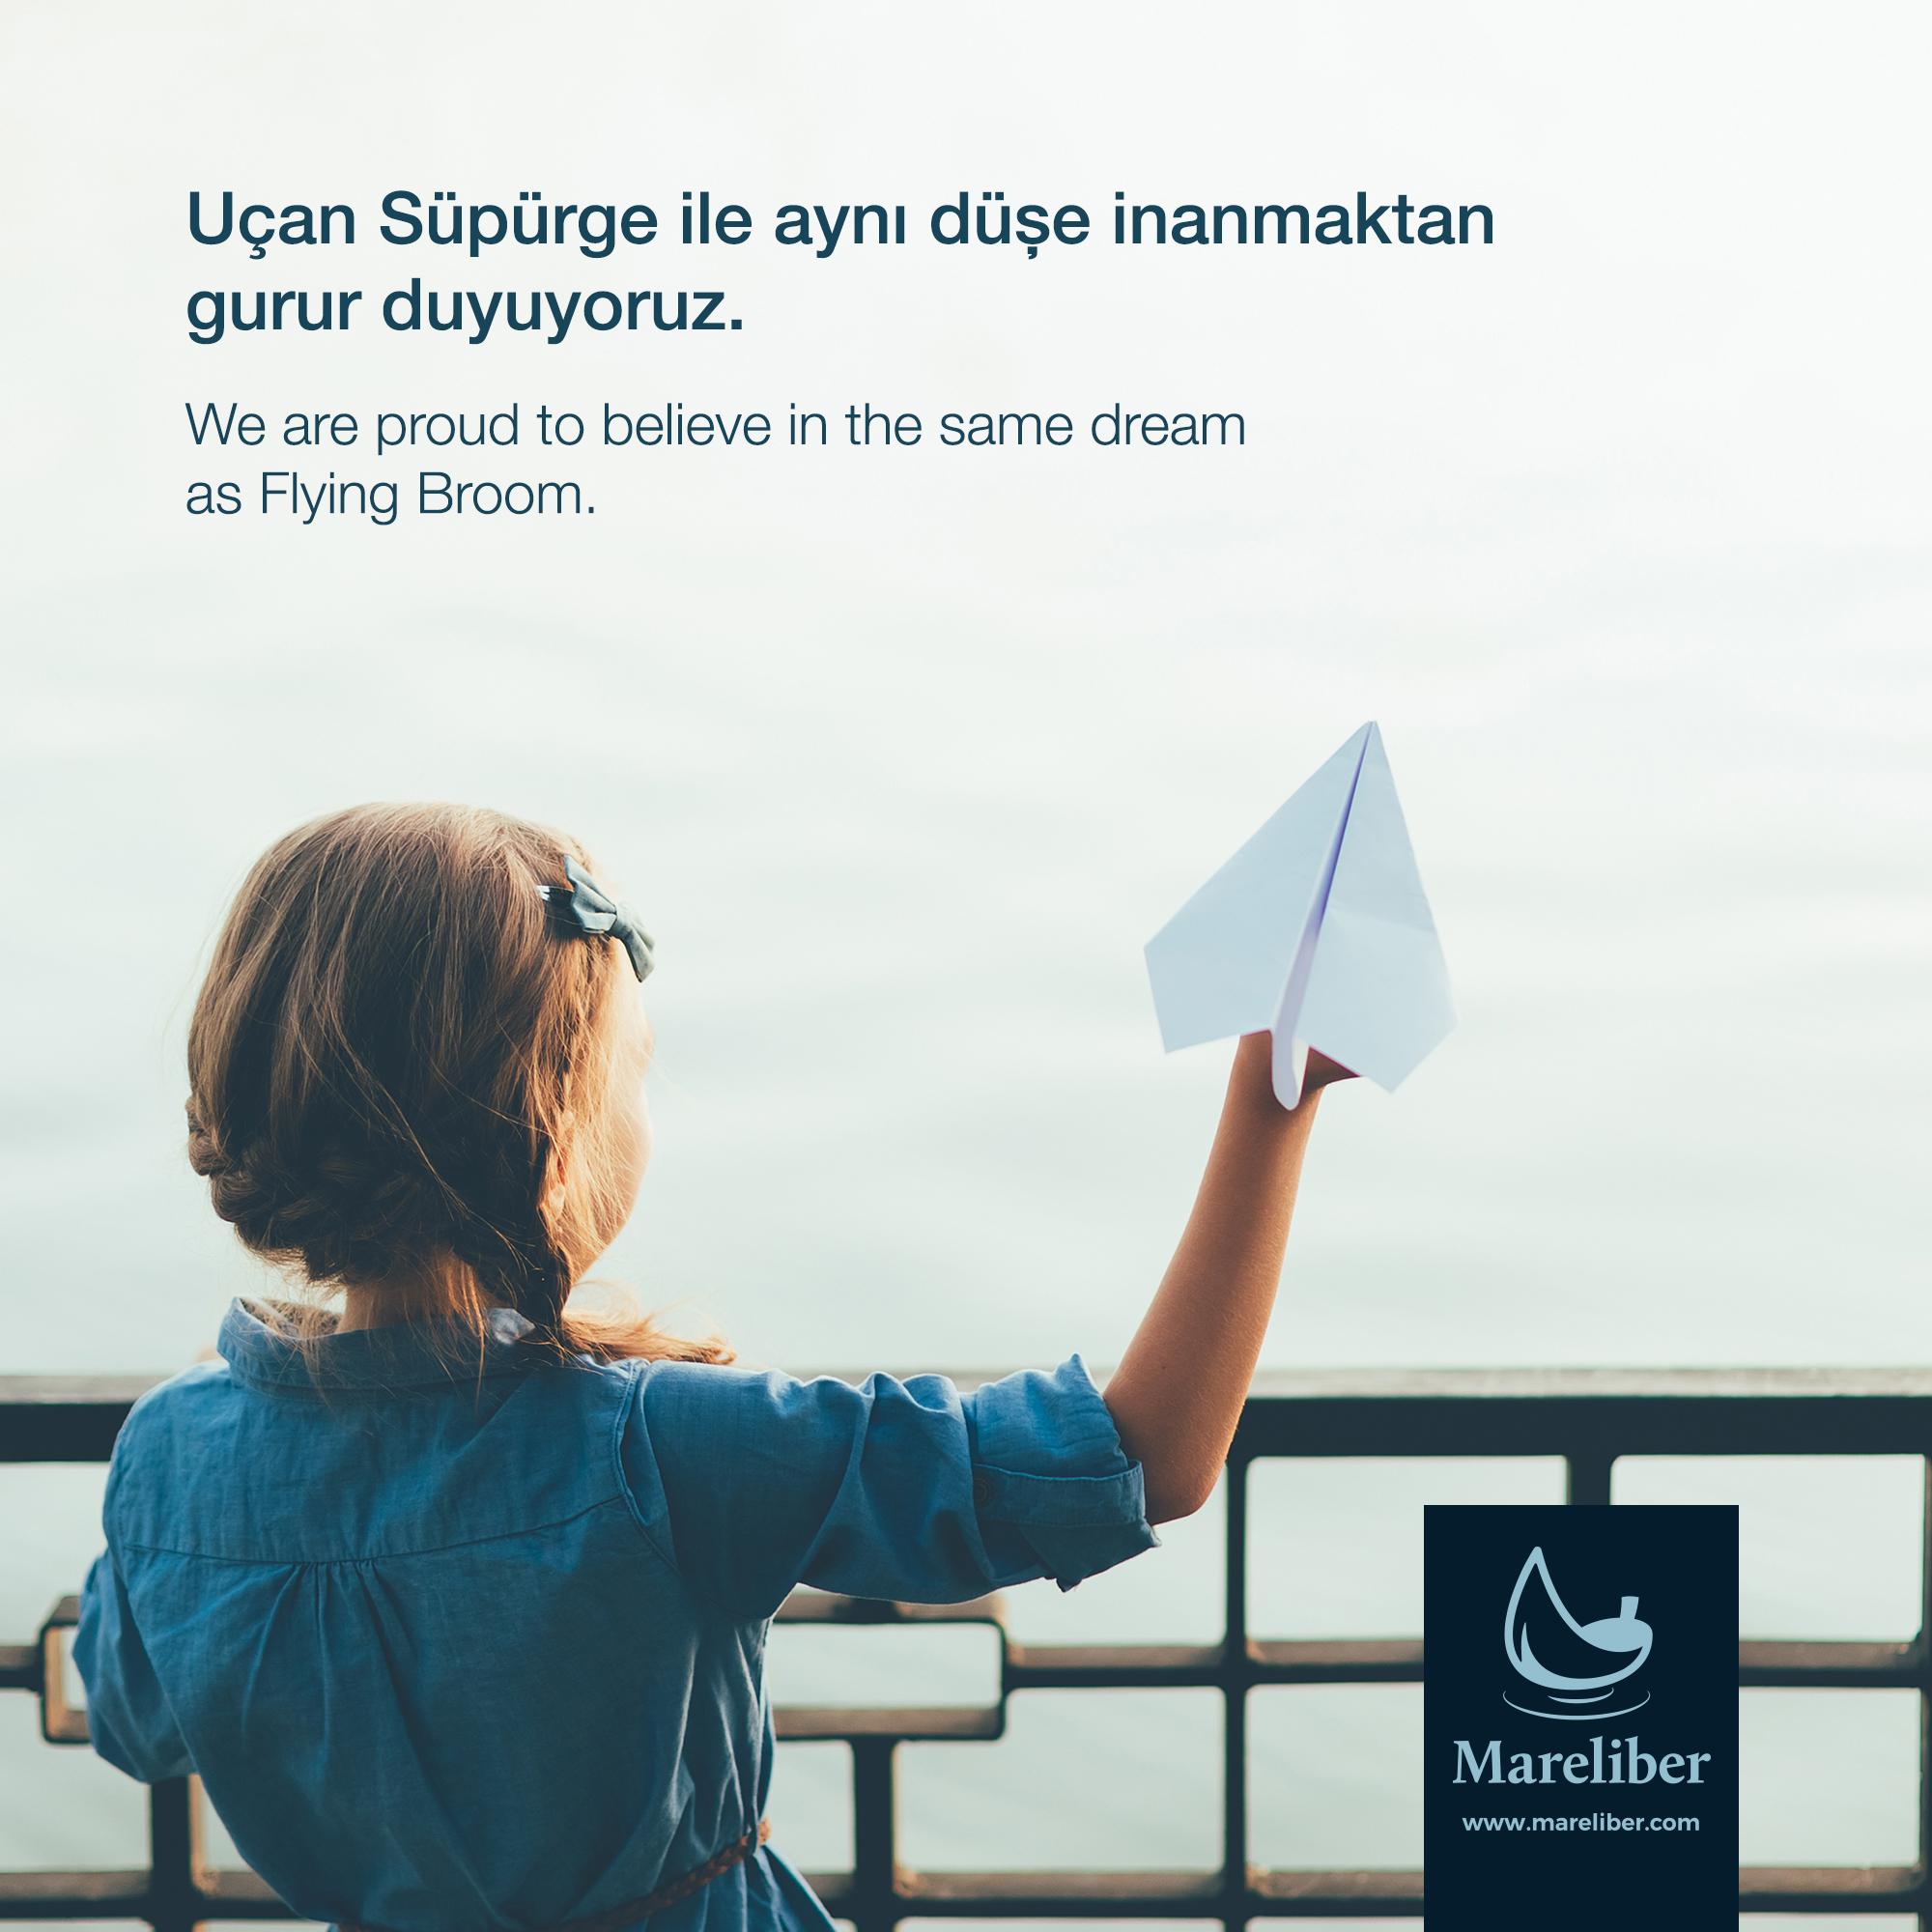 supurge-reklam-social